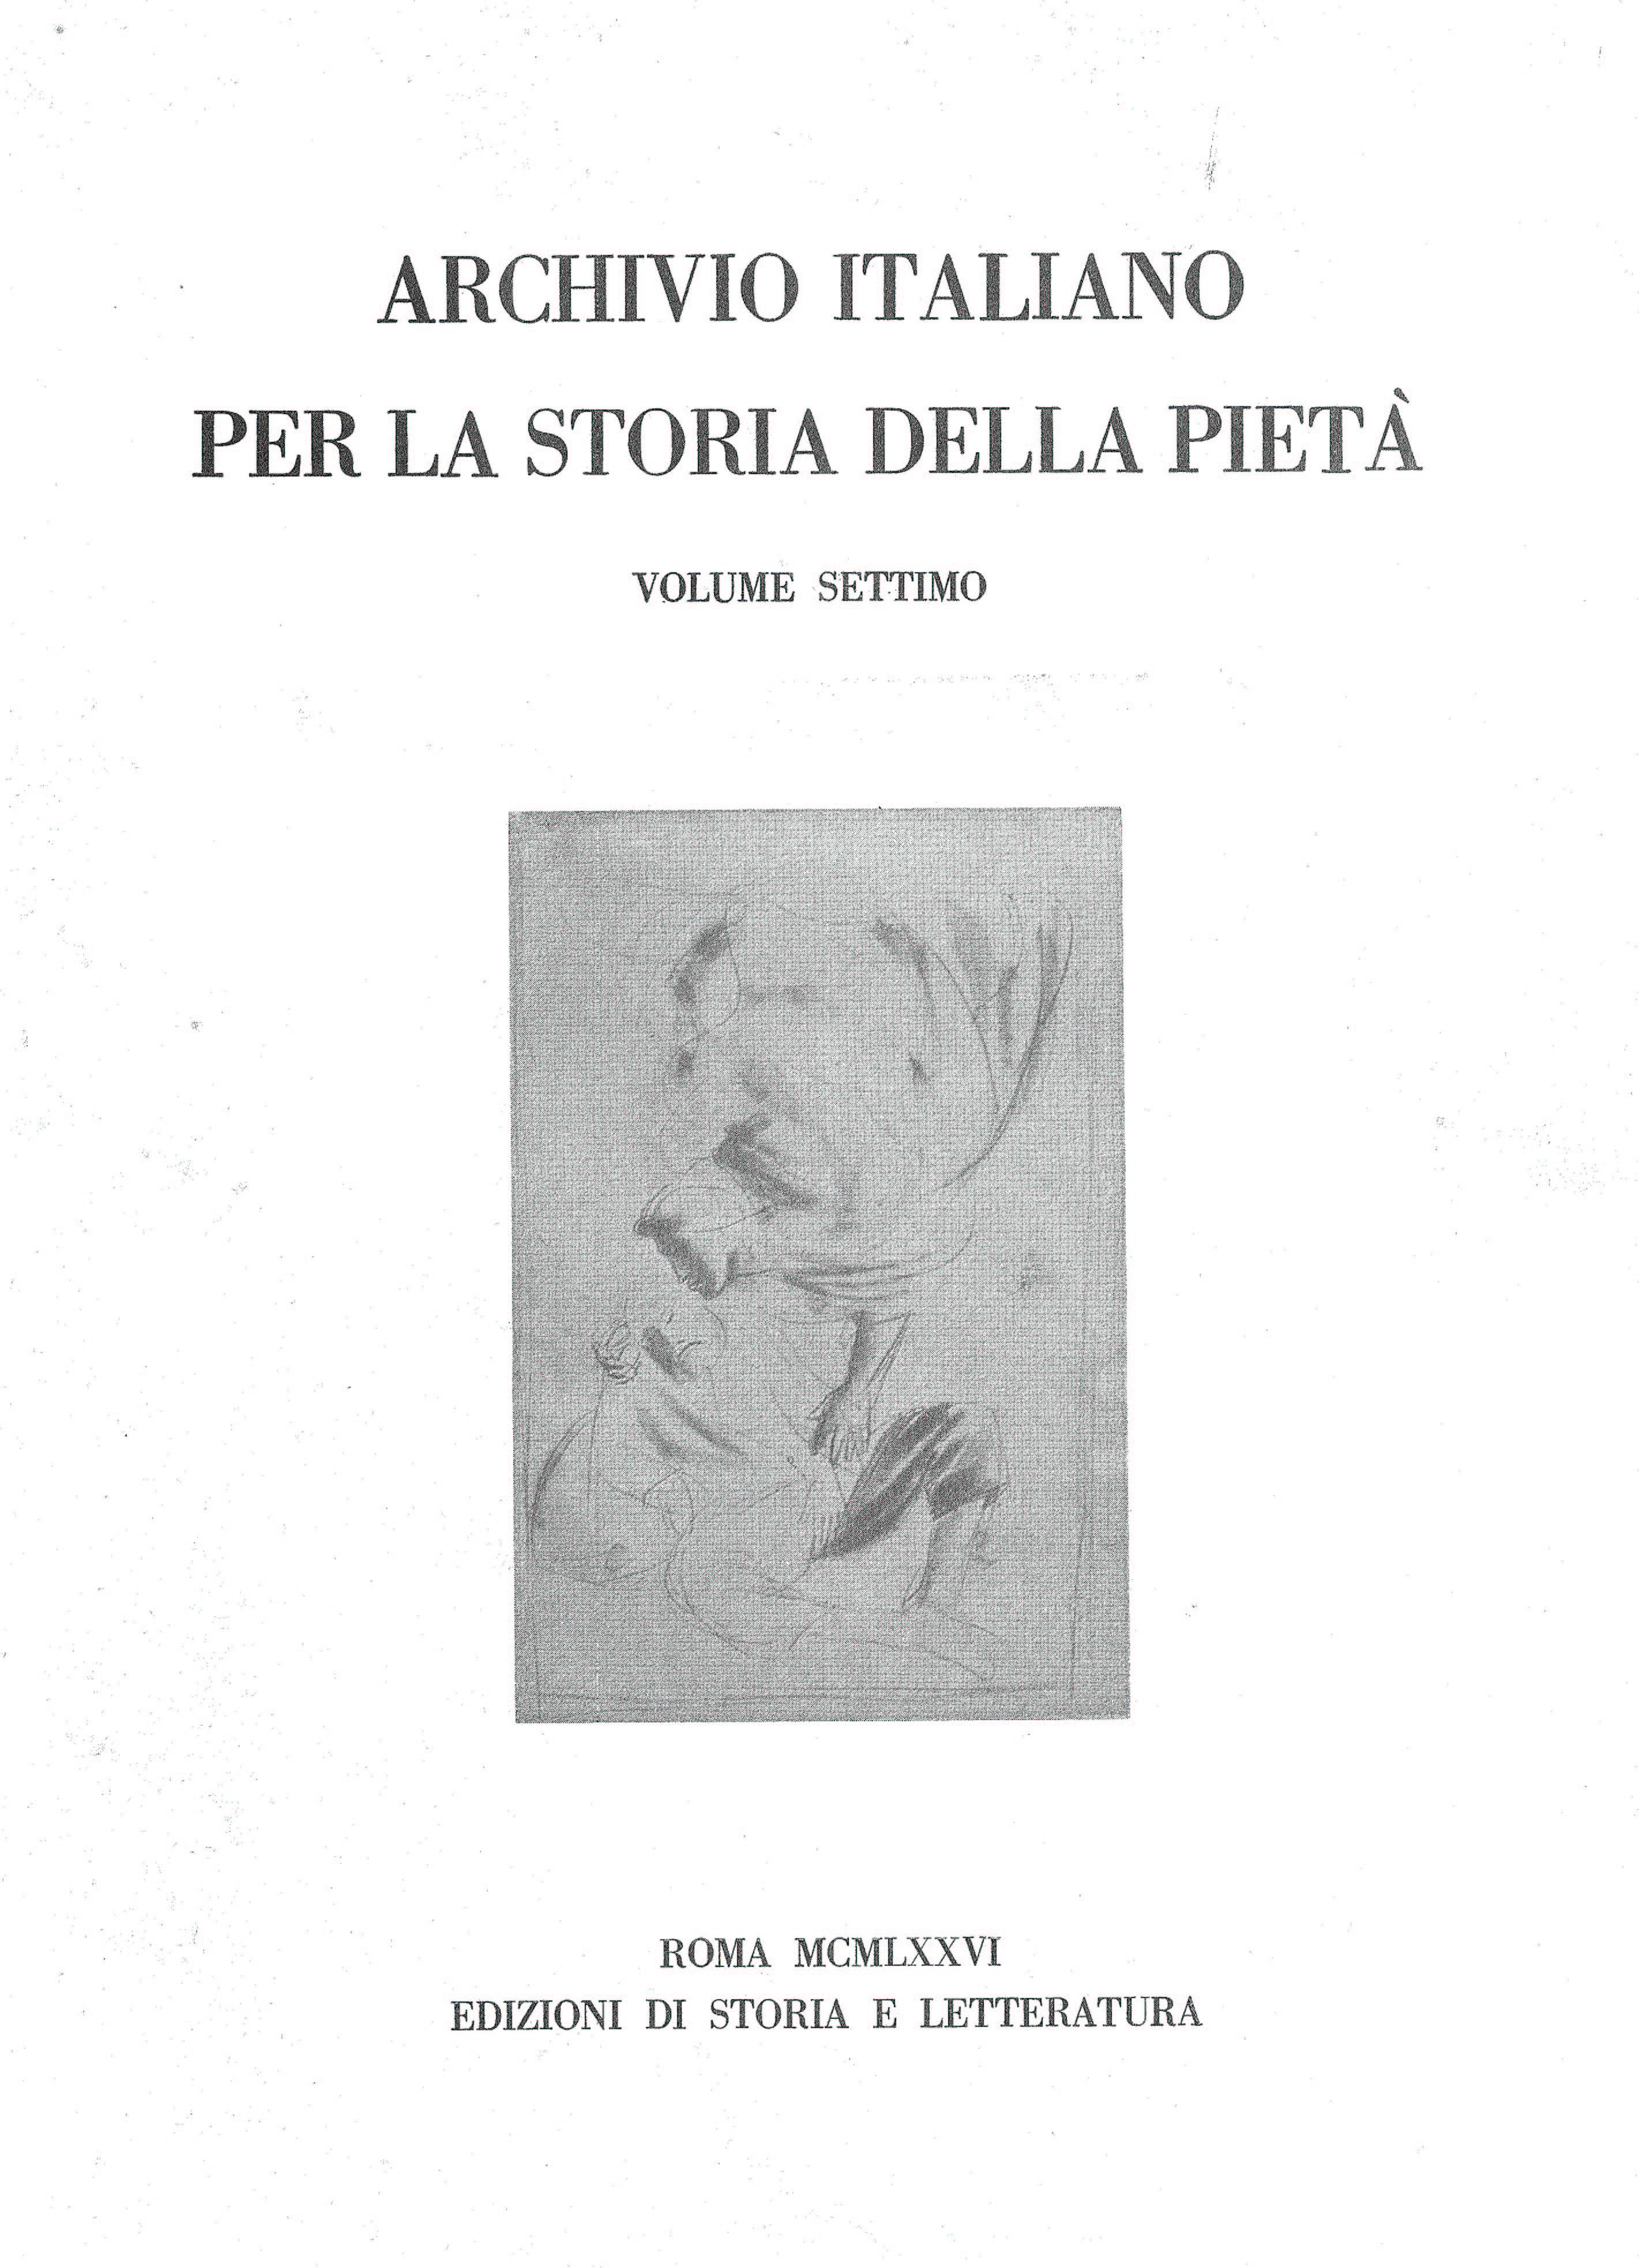 copertina di Archivio italiano per la storia della pietà, vii